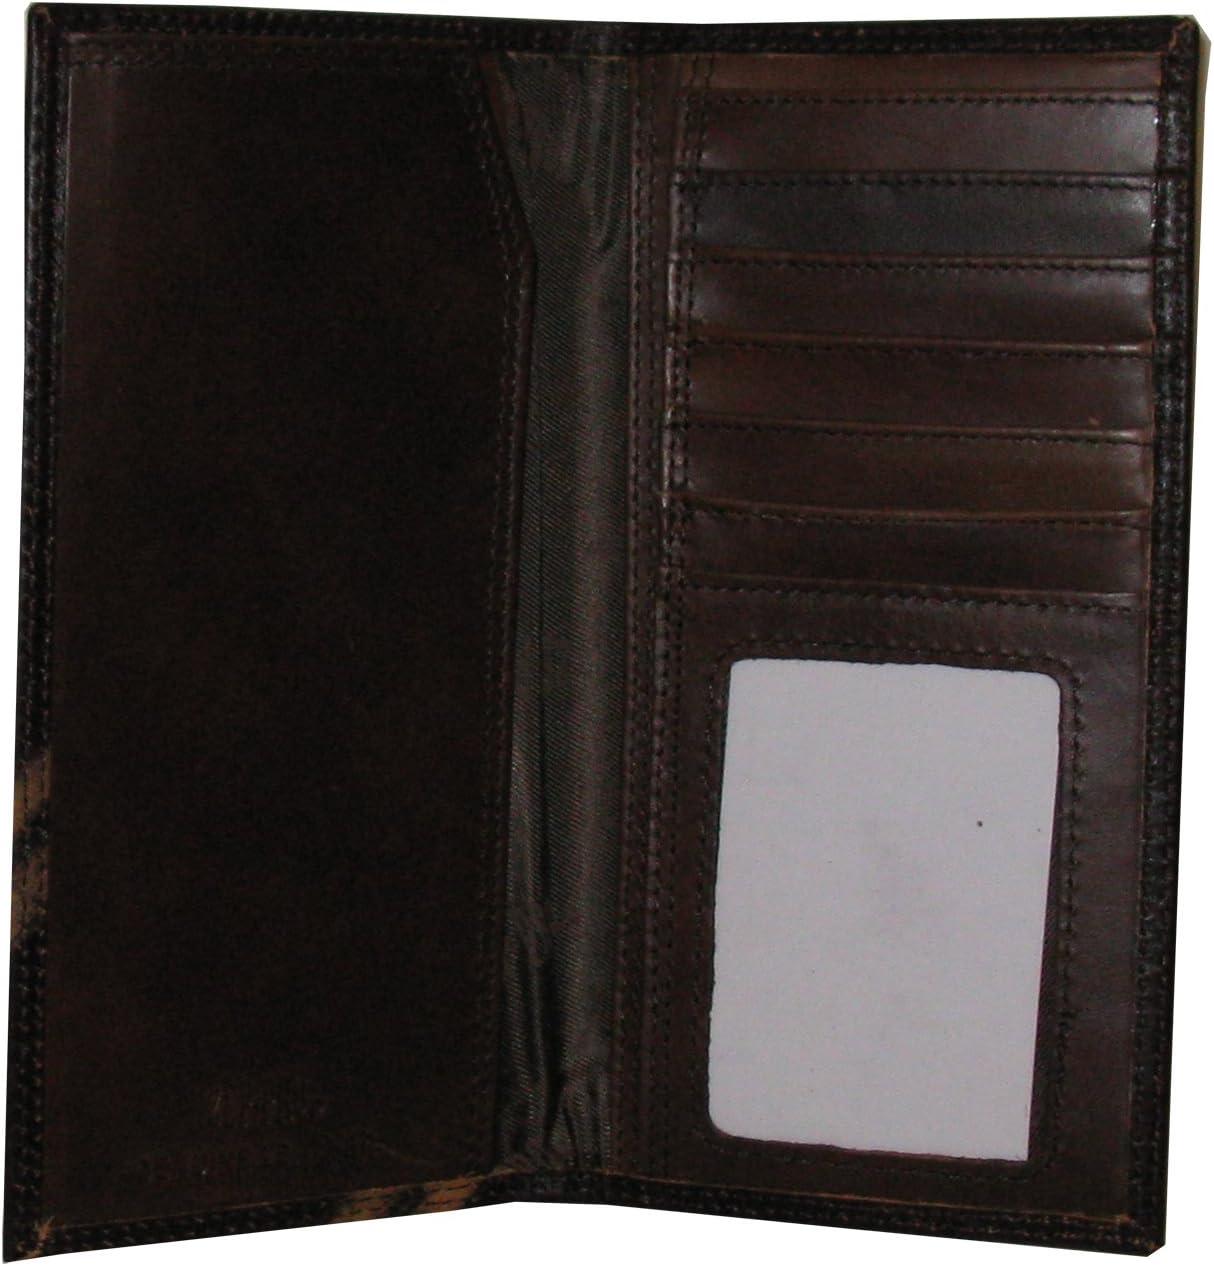 ZEP-PRO Mississippi Leather Crazy Horse Brown Long Roper Wallet